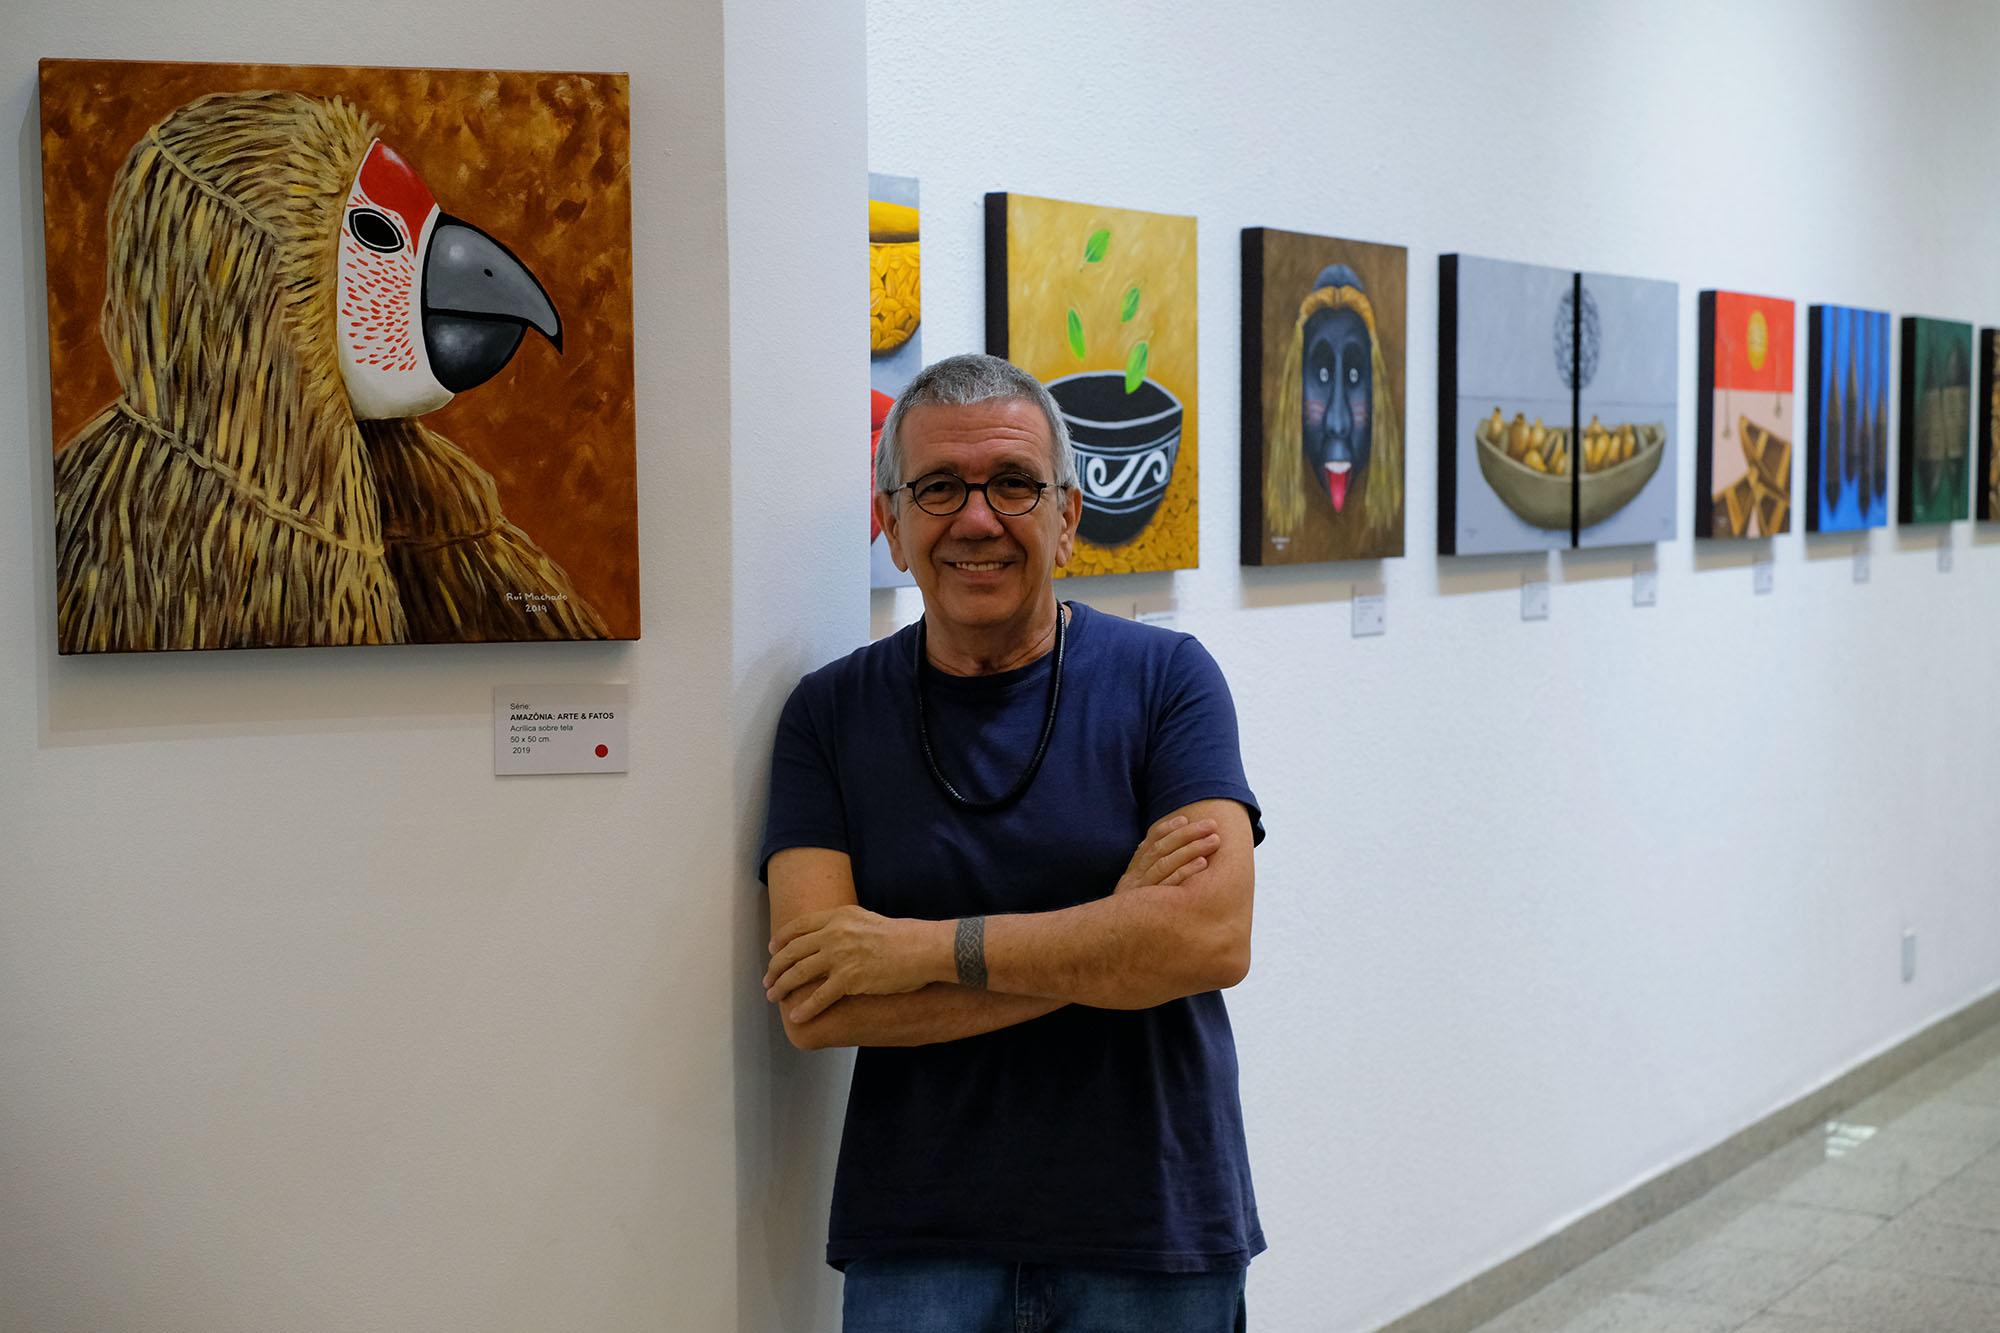 """""""Já nasci artista"""", diz Rui Machado, que celebra 37 anos de carreira com exposição na Galeria do Icbeu Manaus"""